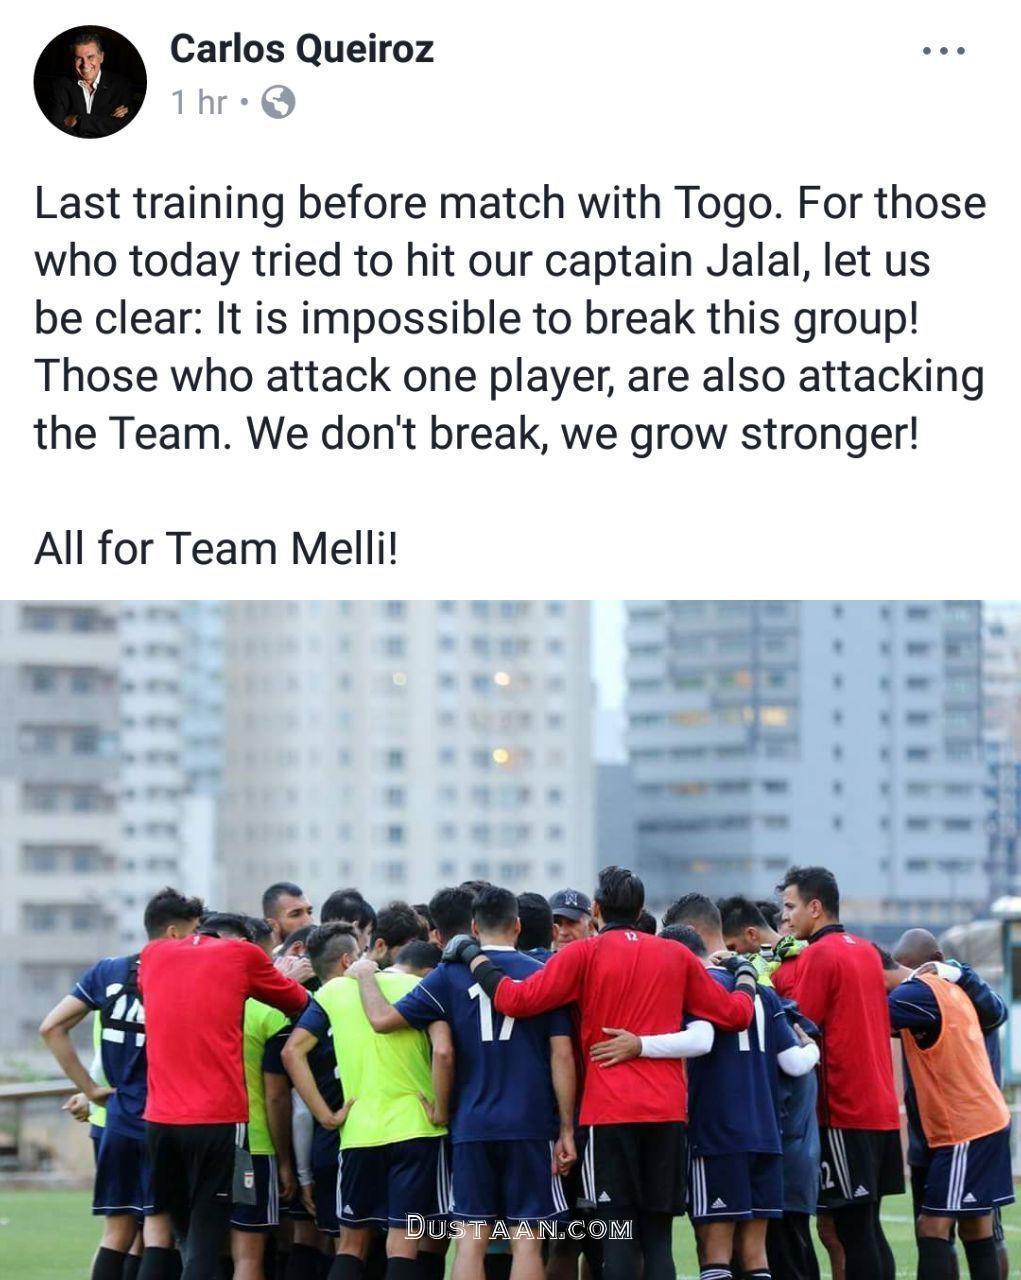 www.dustaan.com واکنش کی روش به شایعه دوپینگ کاپیتان تیمش!